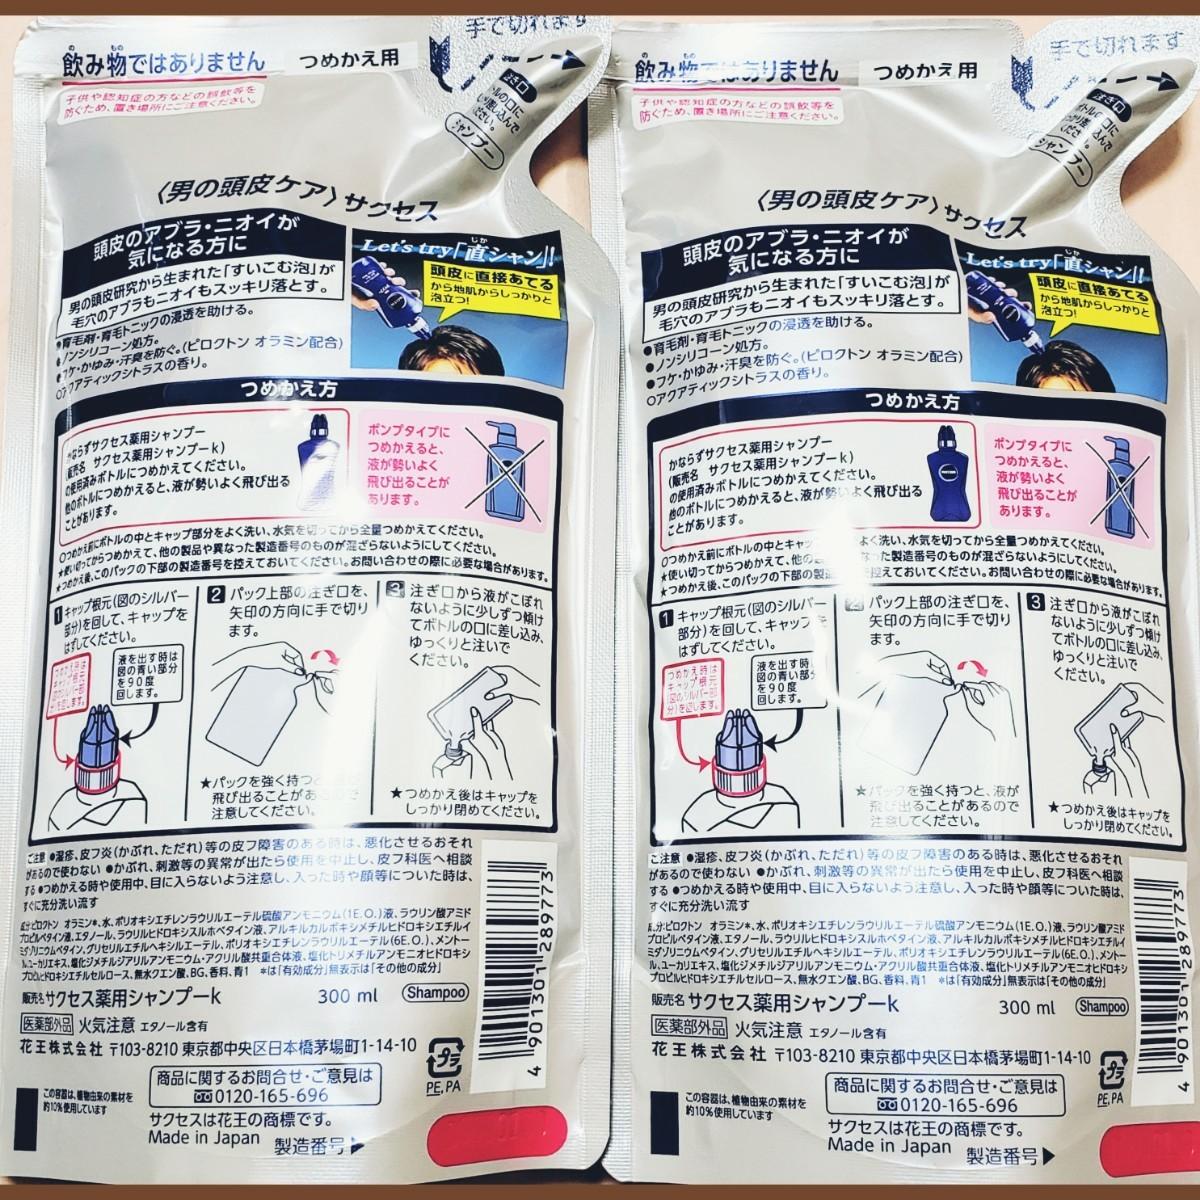 花王 サクセス 薬用 シャンプーK 詰め替え用 300ml X 2袋